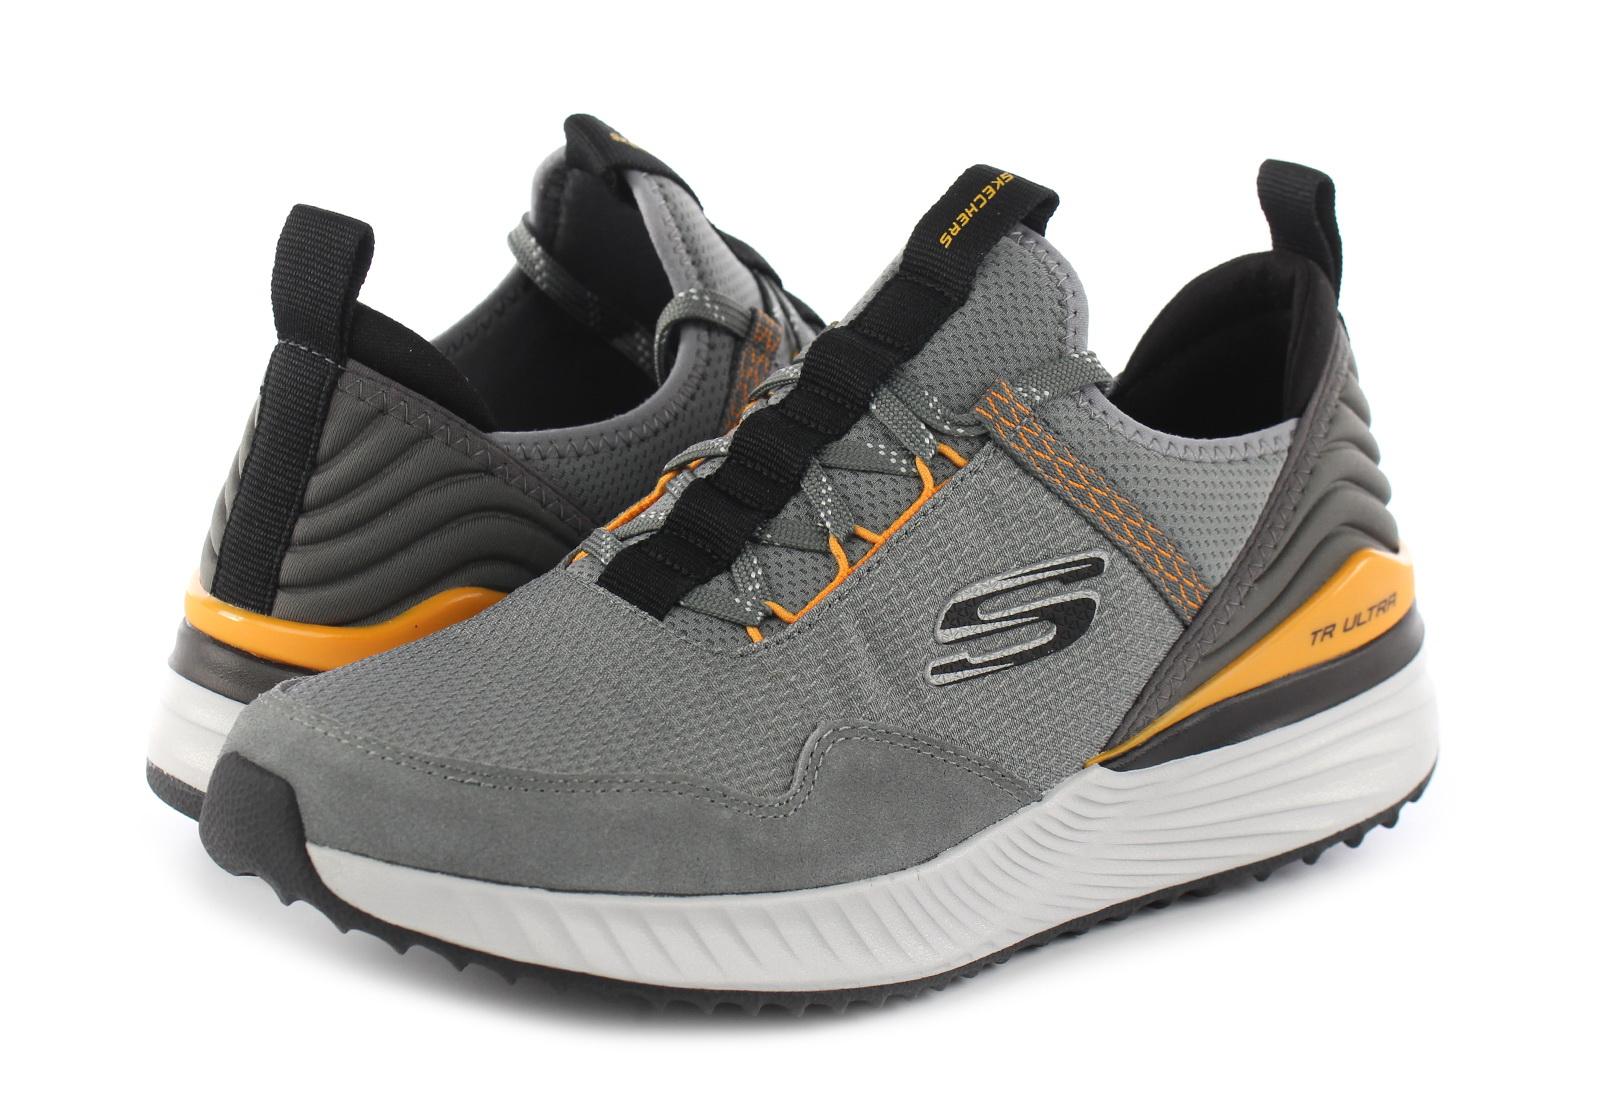 Skechers Pantofi Tr Ultra - Terranean